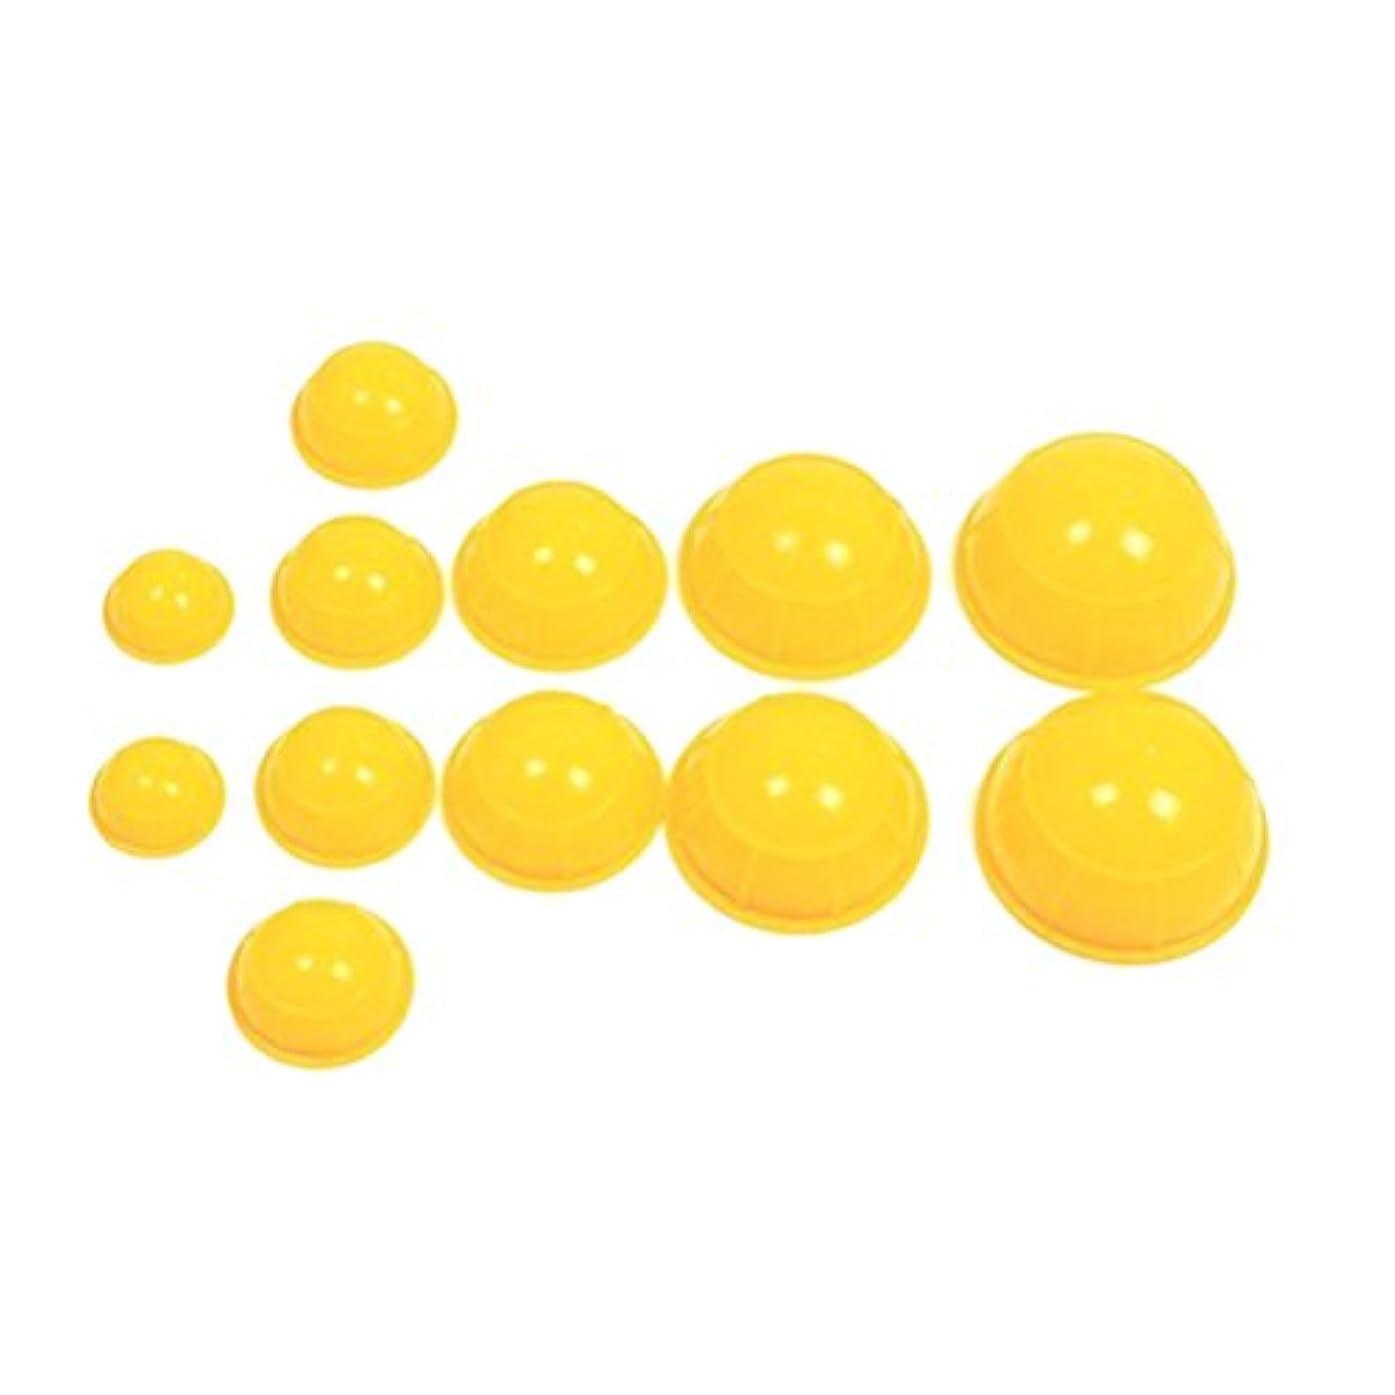 安息鮮やかな端ROSENICE シリコーンマッサージカッピングカップセットボディフェイシャルセラピーカッピングカップ12個(イエロー)